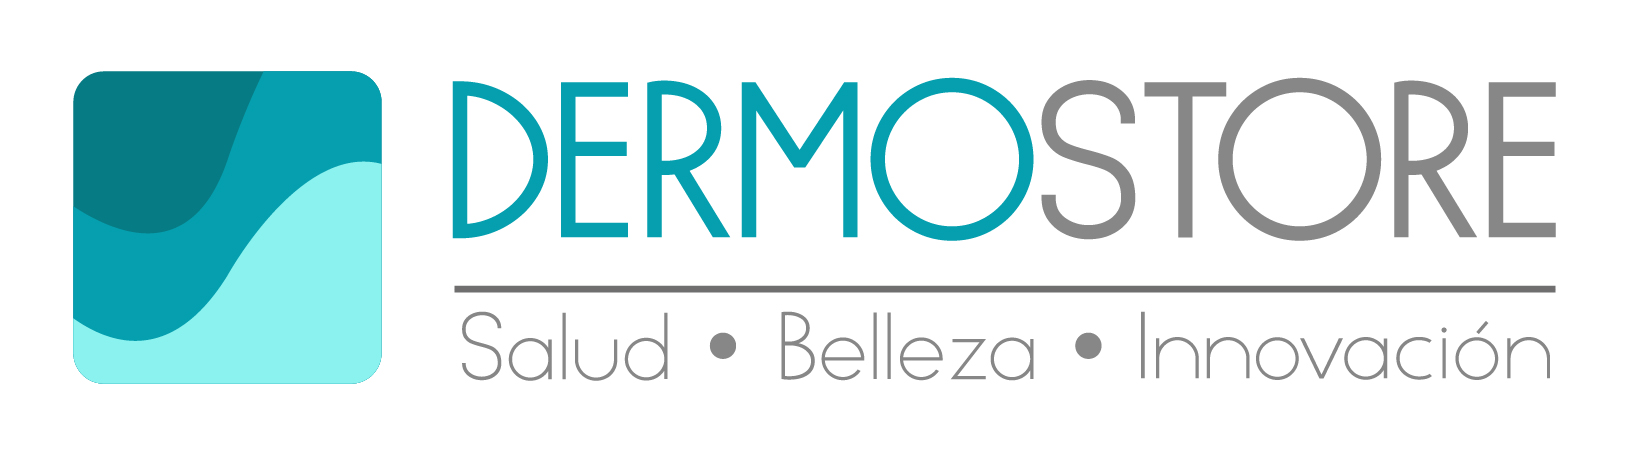 Dermostore